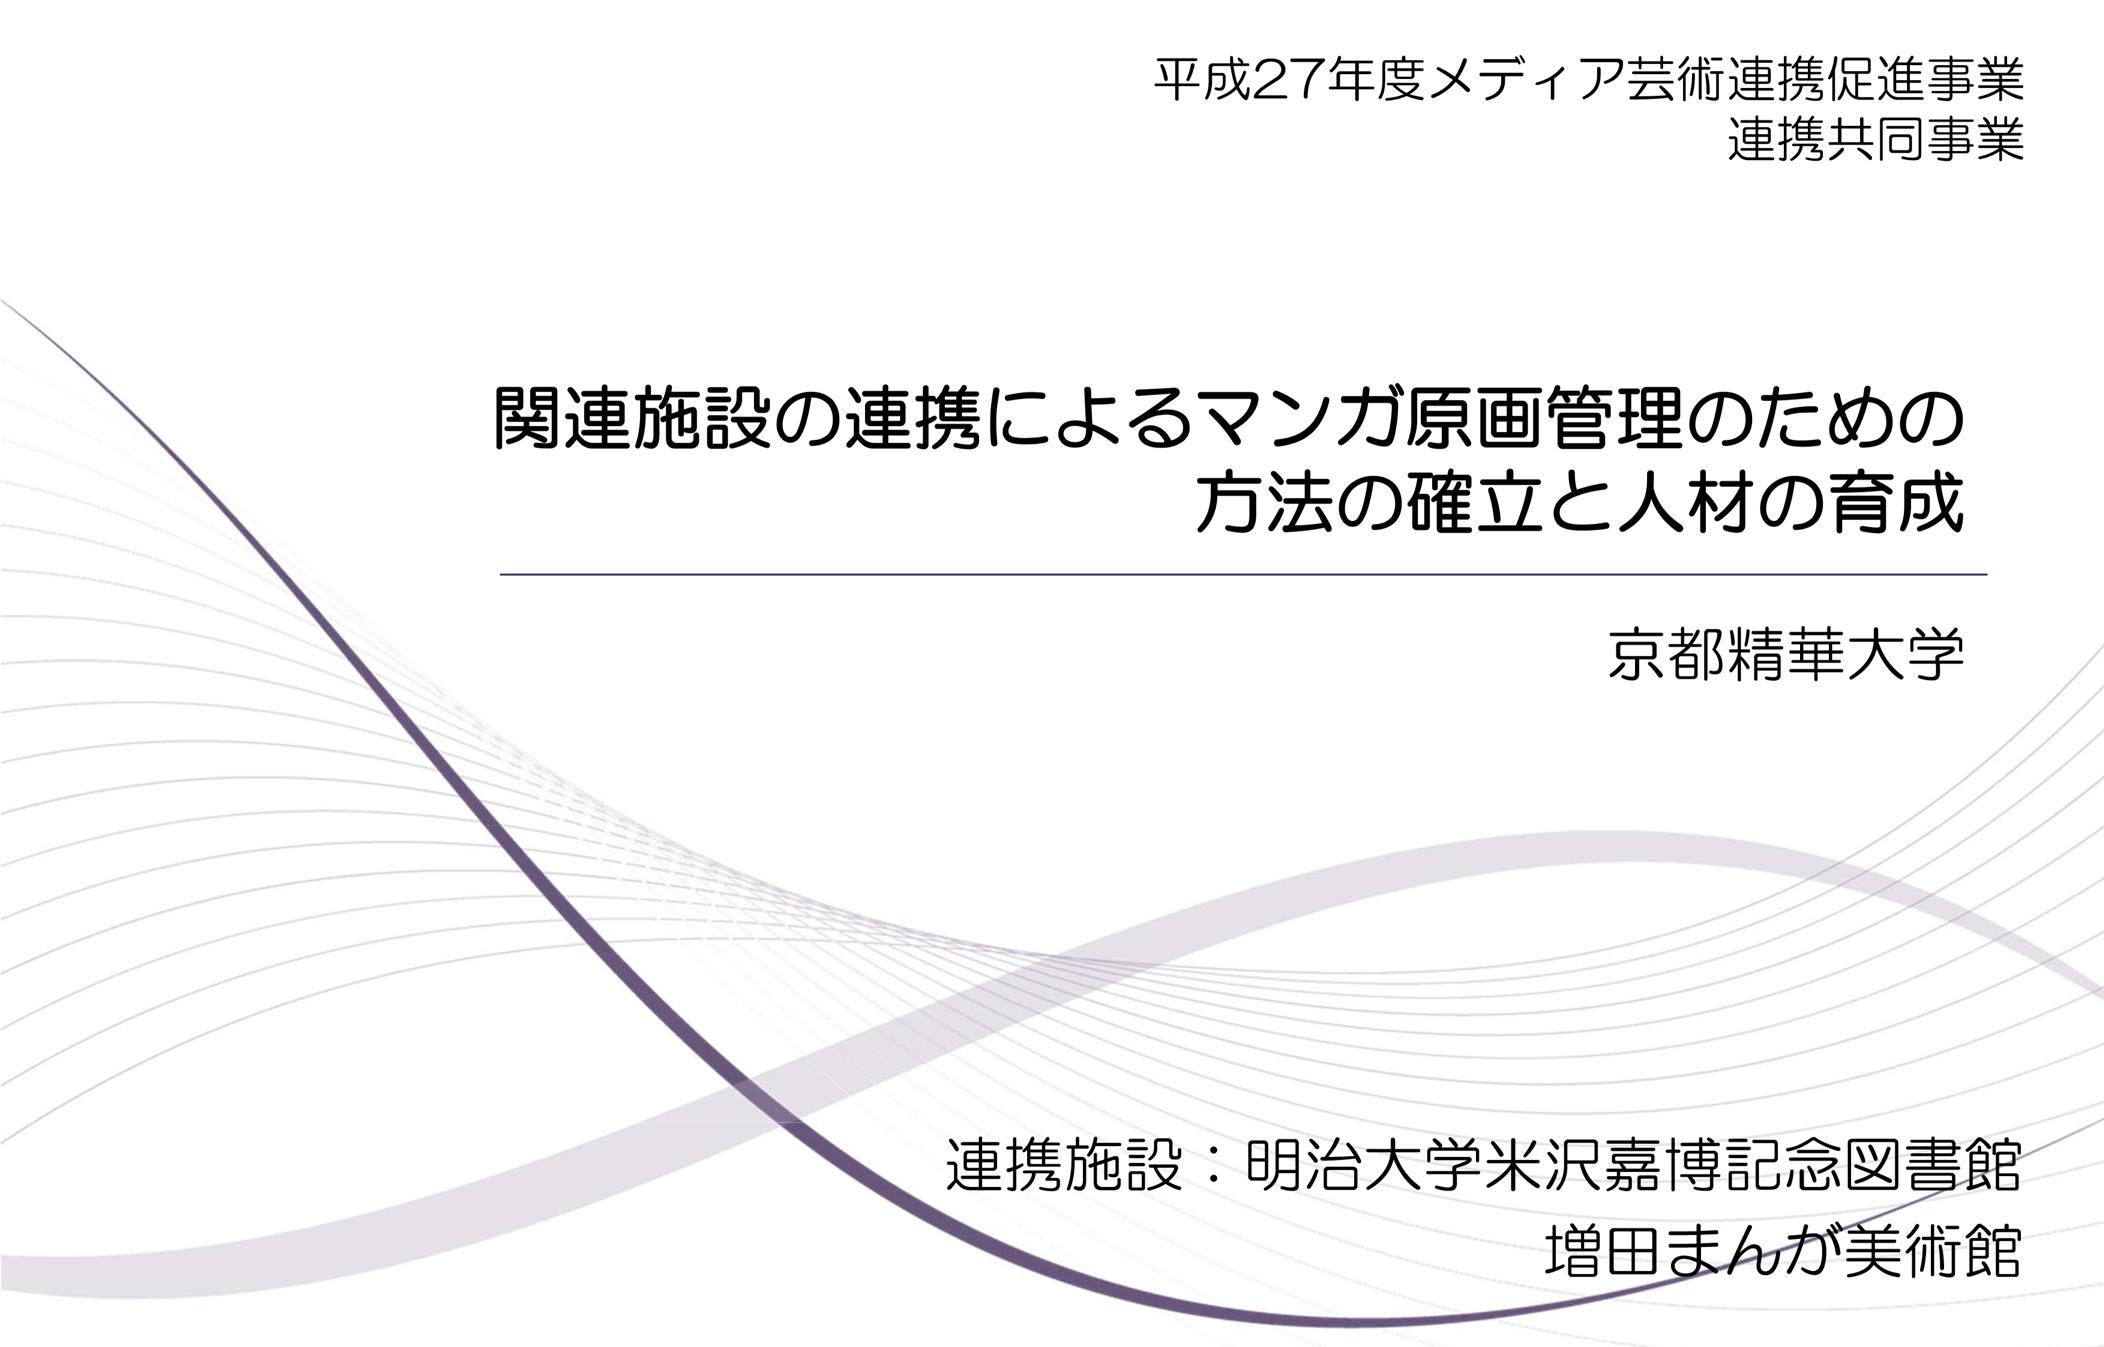 京都精華大事業(原画)_中間報告会_投影資料-